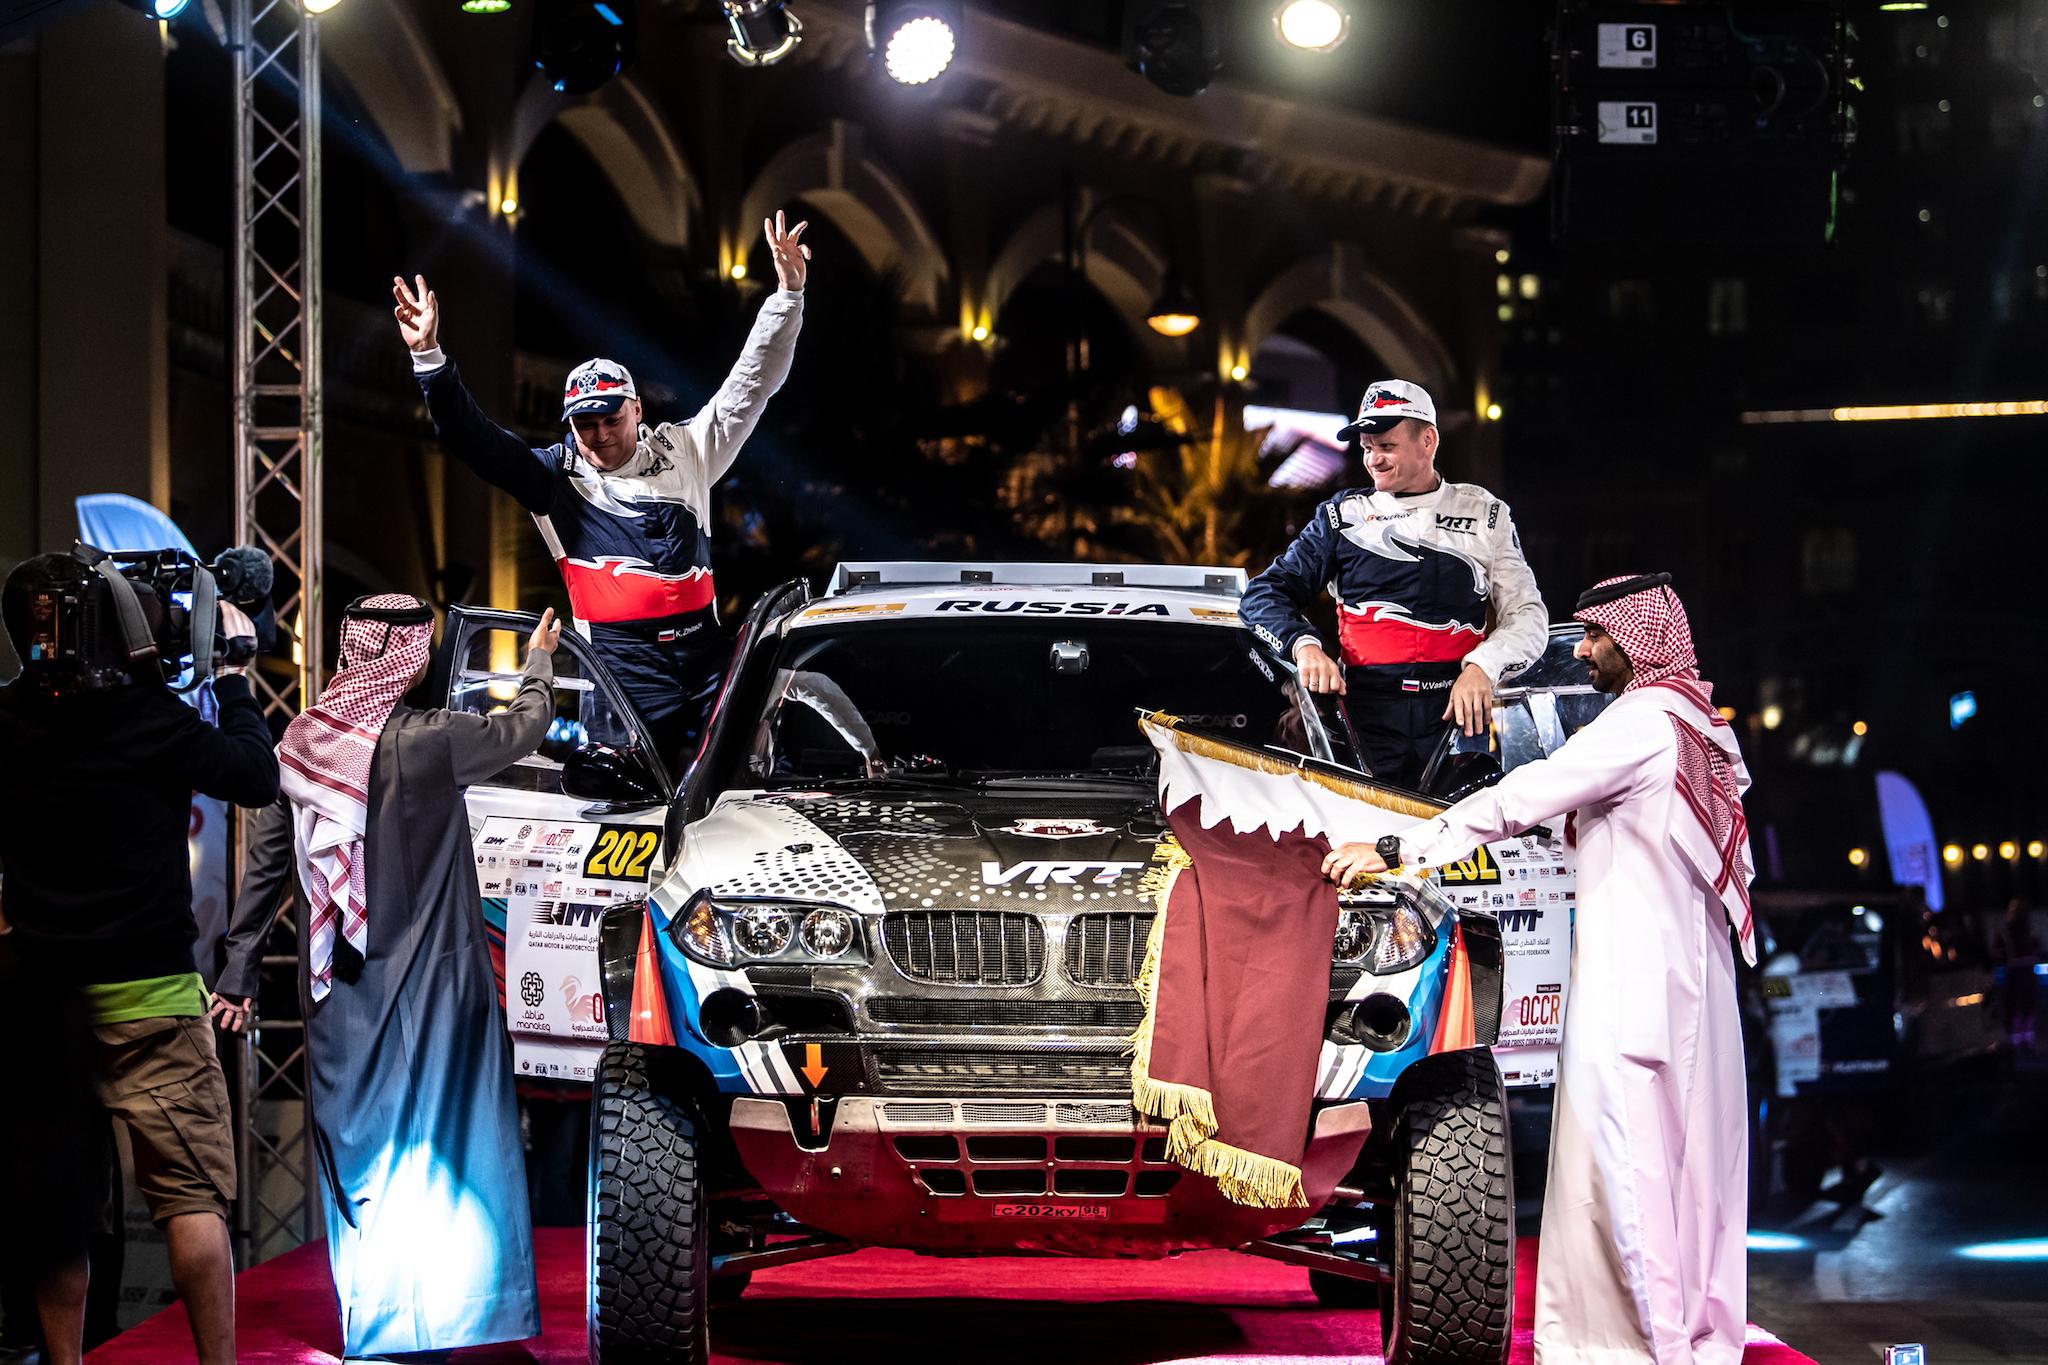 Сменить лёд на пламя: сразу после бахи в Карелии Васильев стартует в Катаре на «Manateq - Qatar Cross Country Rally»